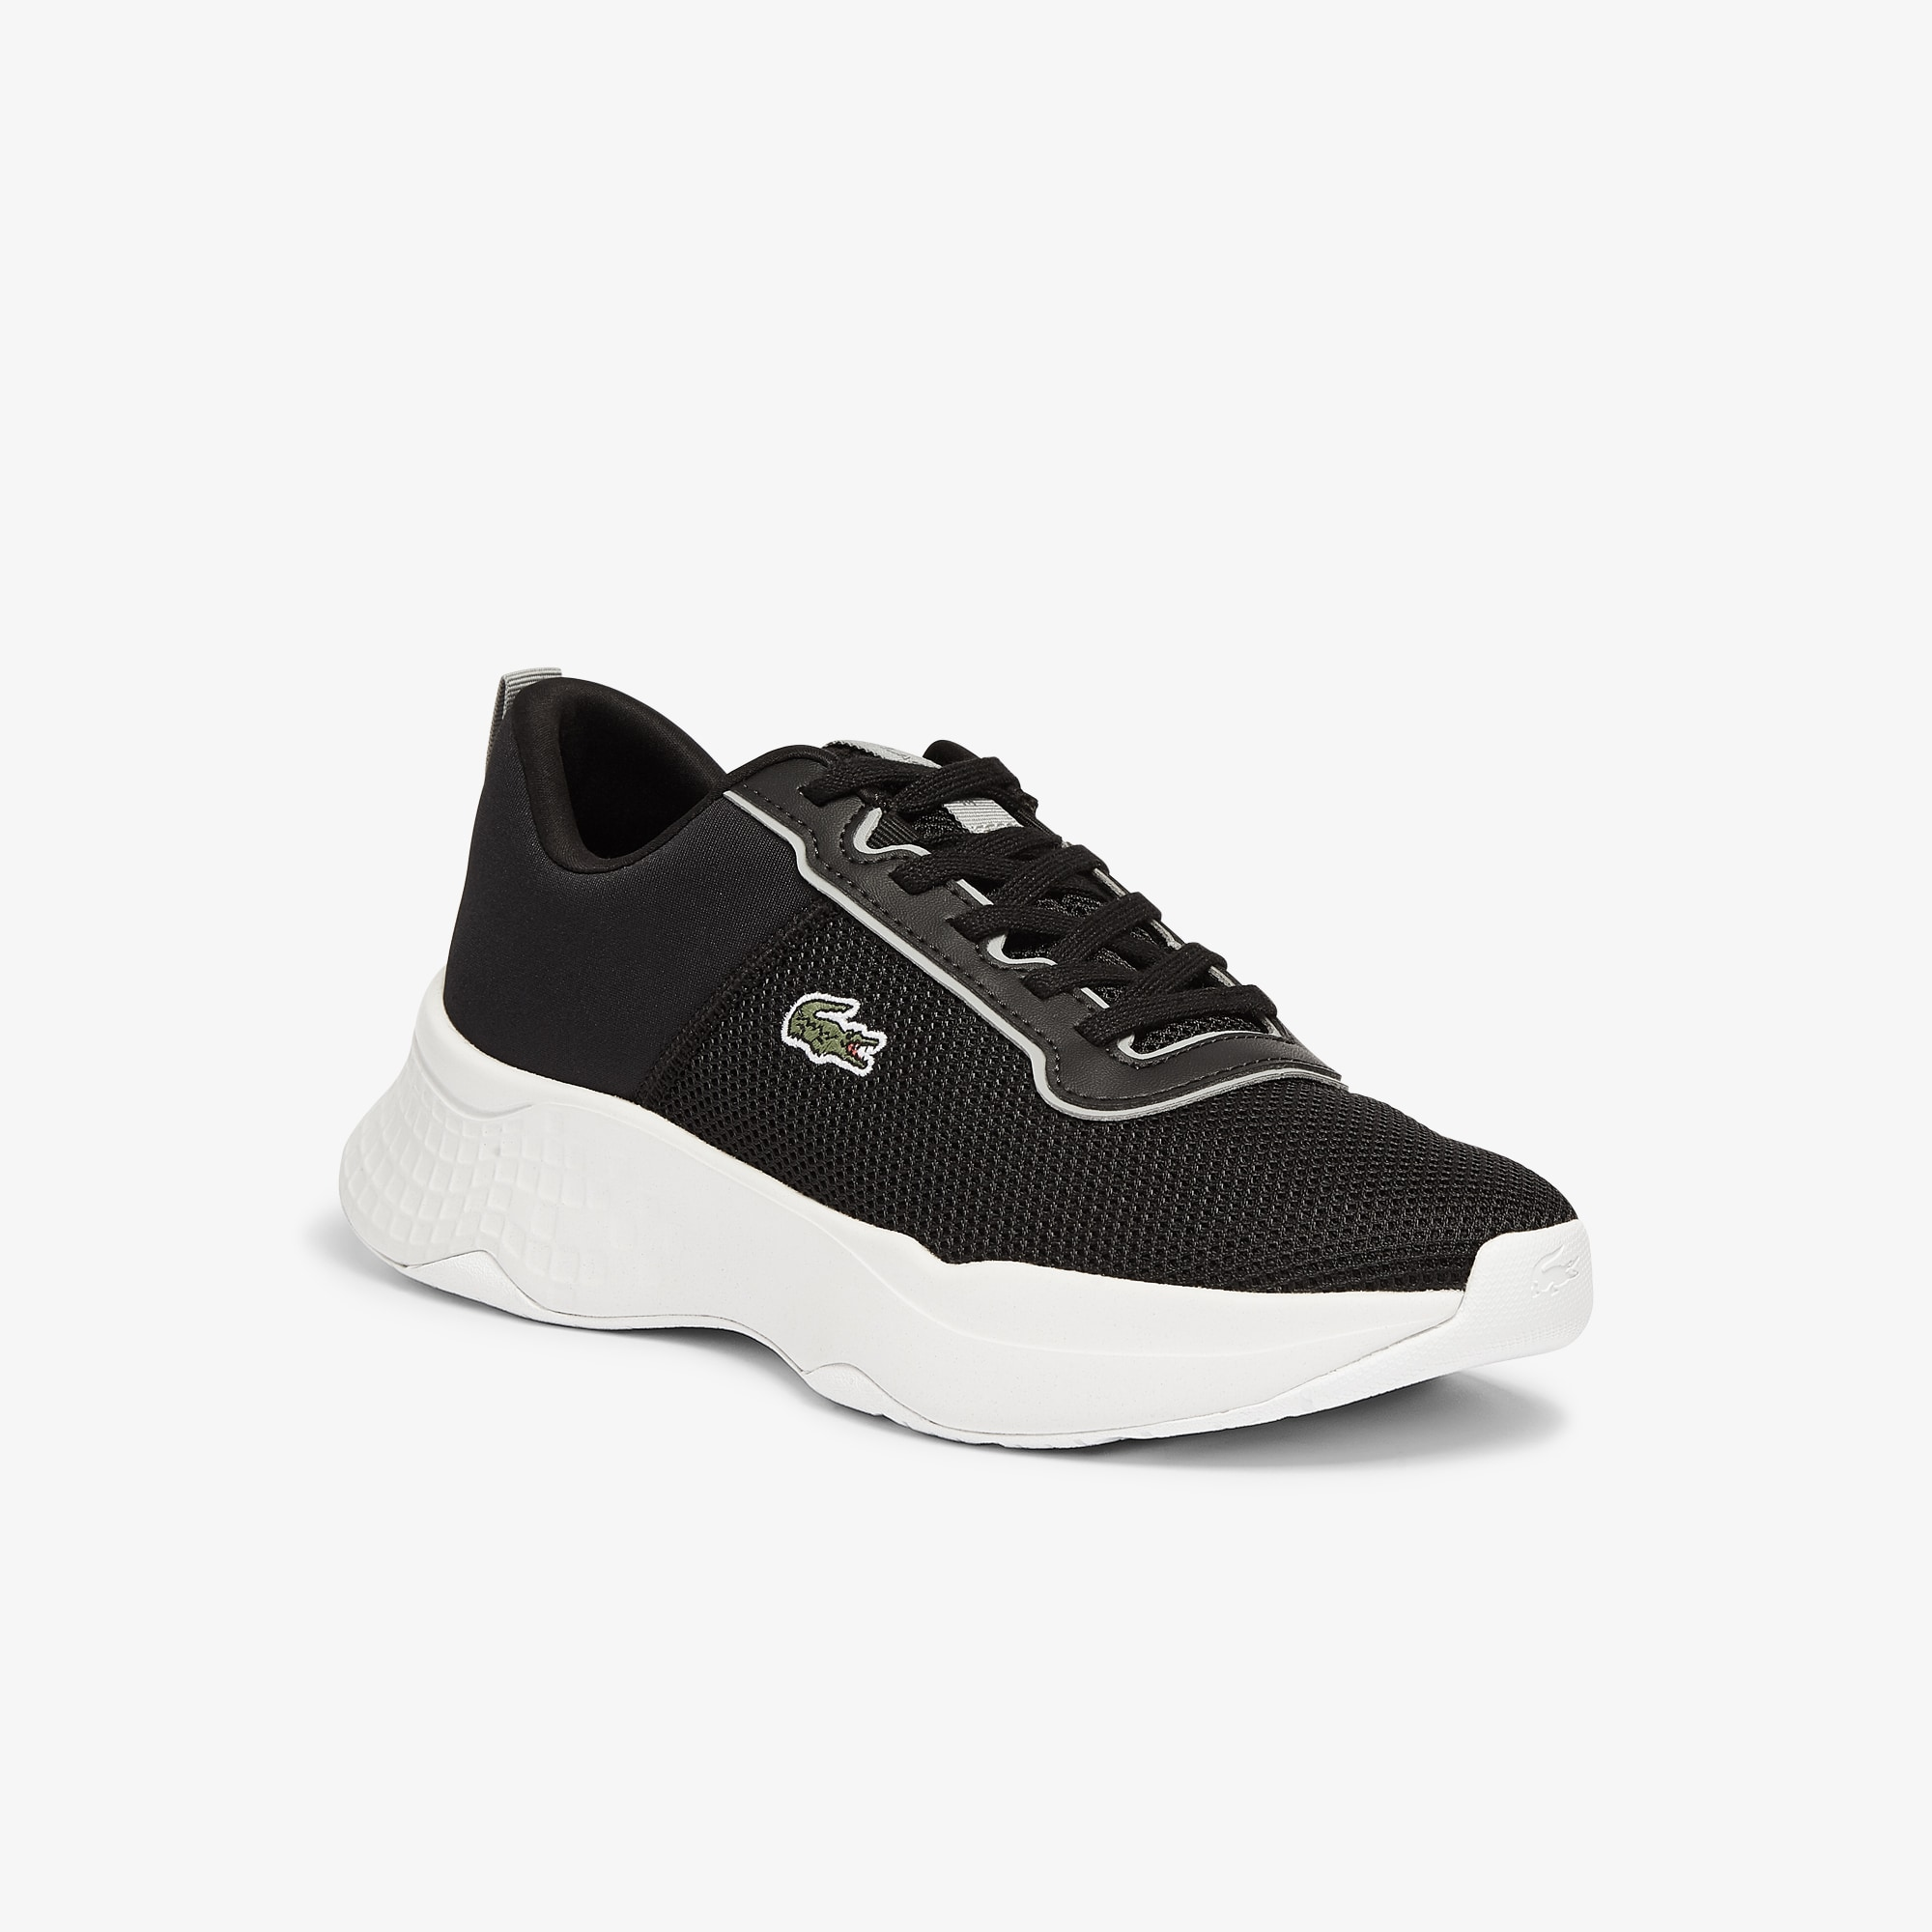 Lacoste Sneakers Court-Drive junior en tissu Taille 35.5 Noir/gris Foncé